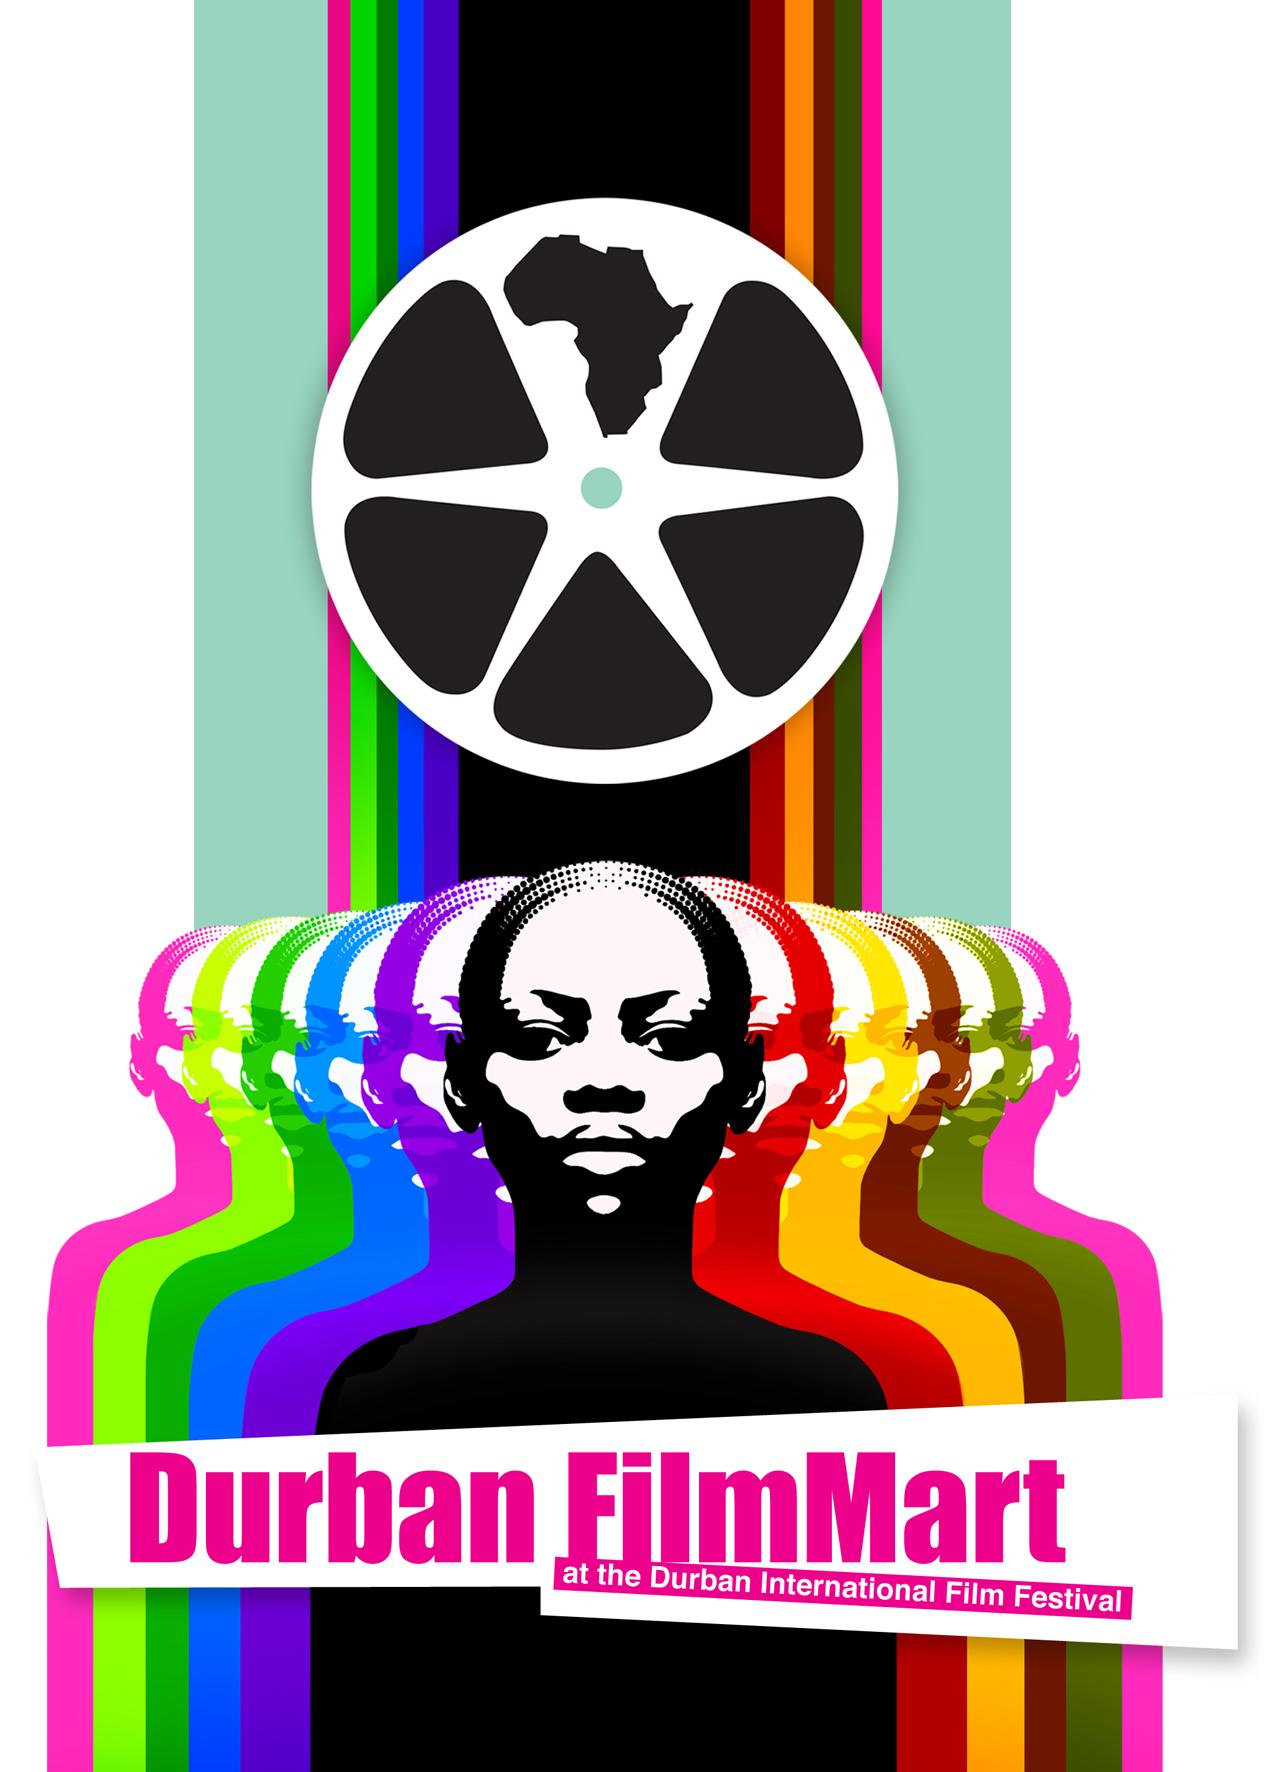 Durban FilmMart.logo.jpg